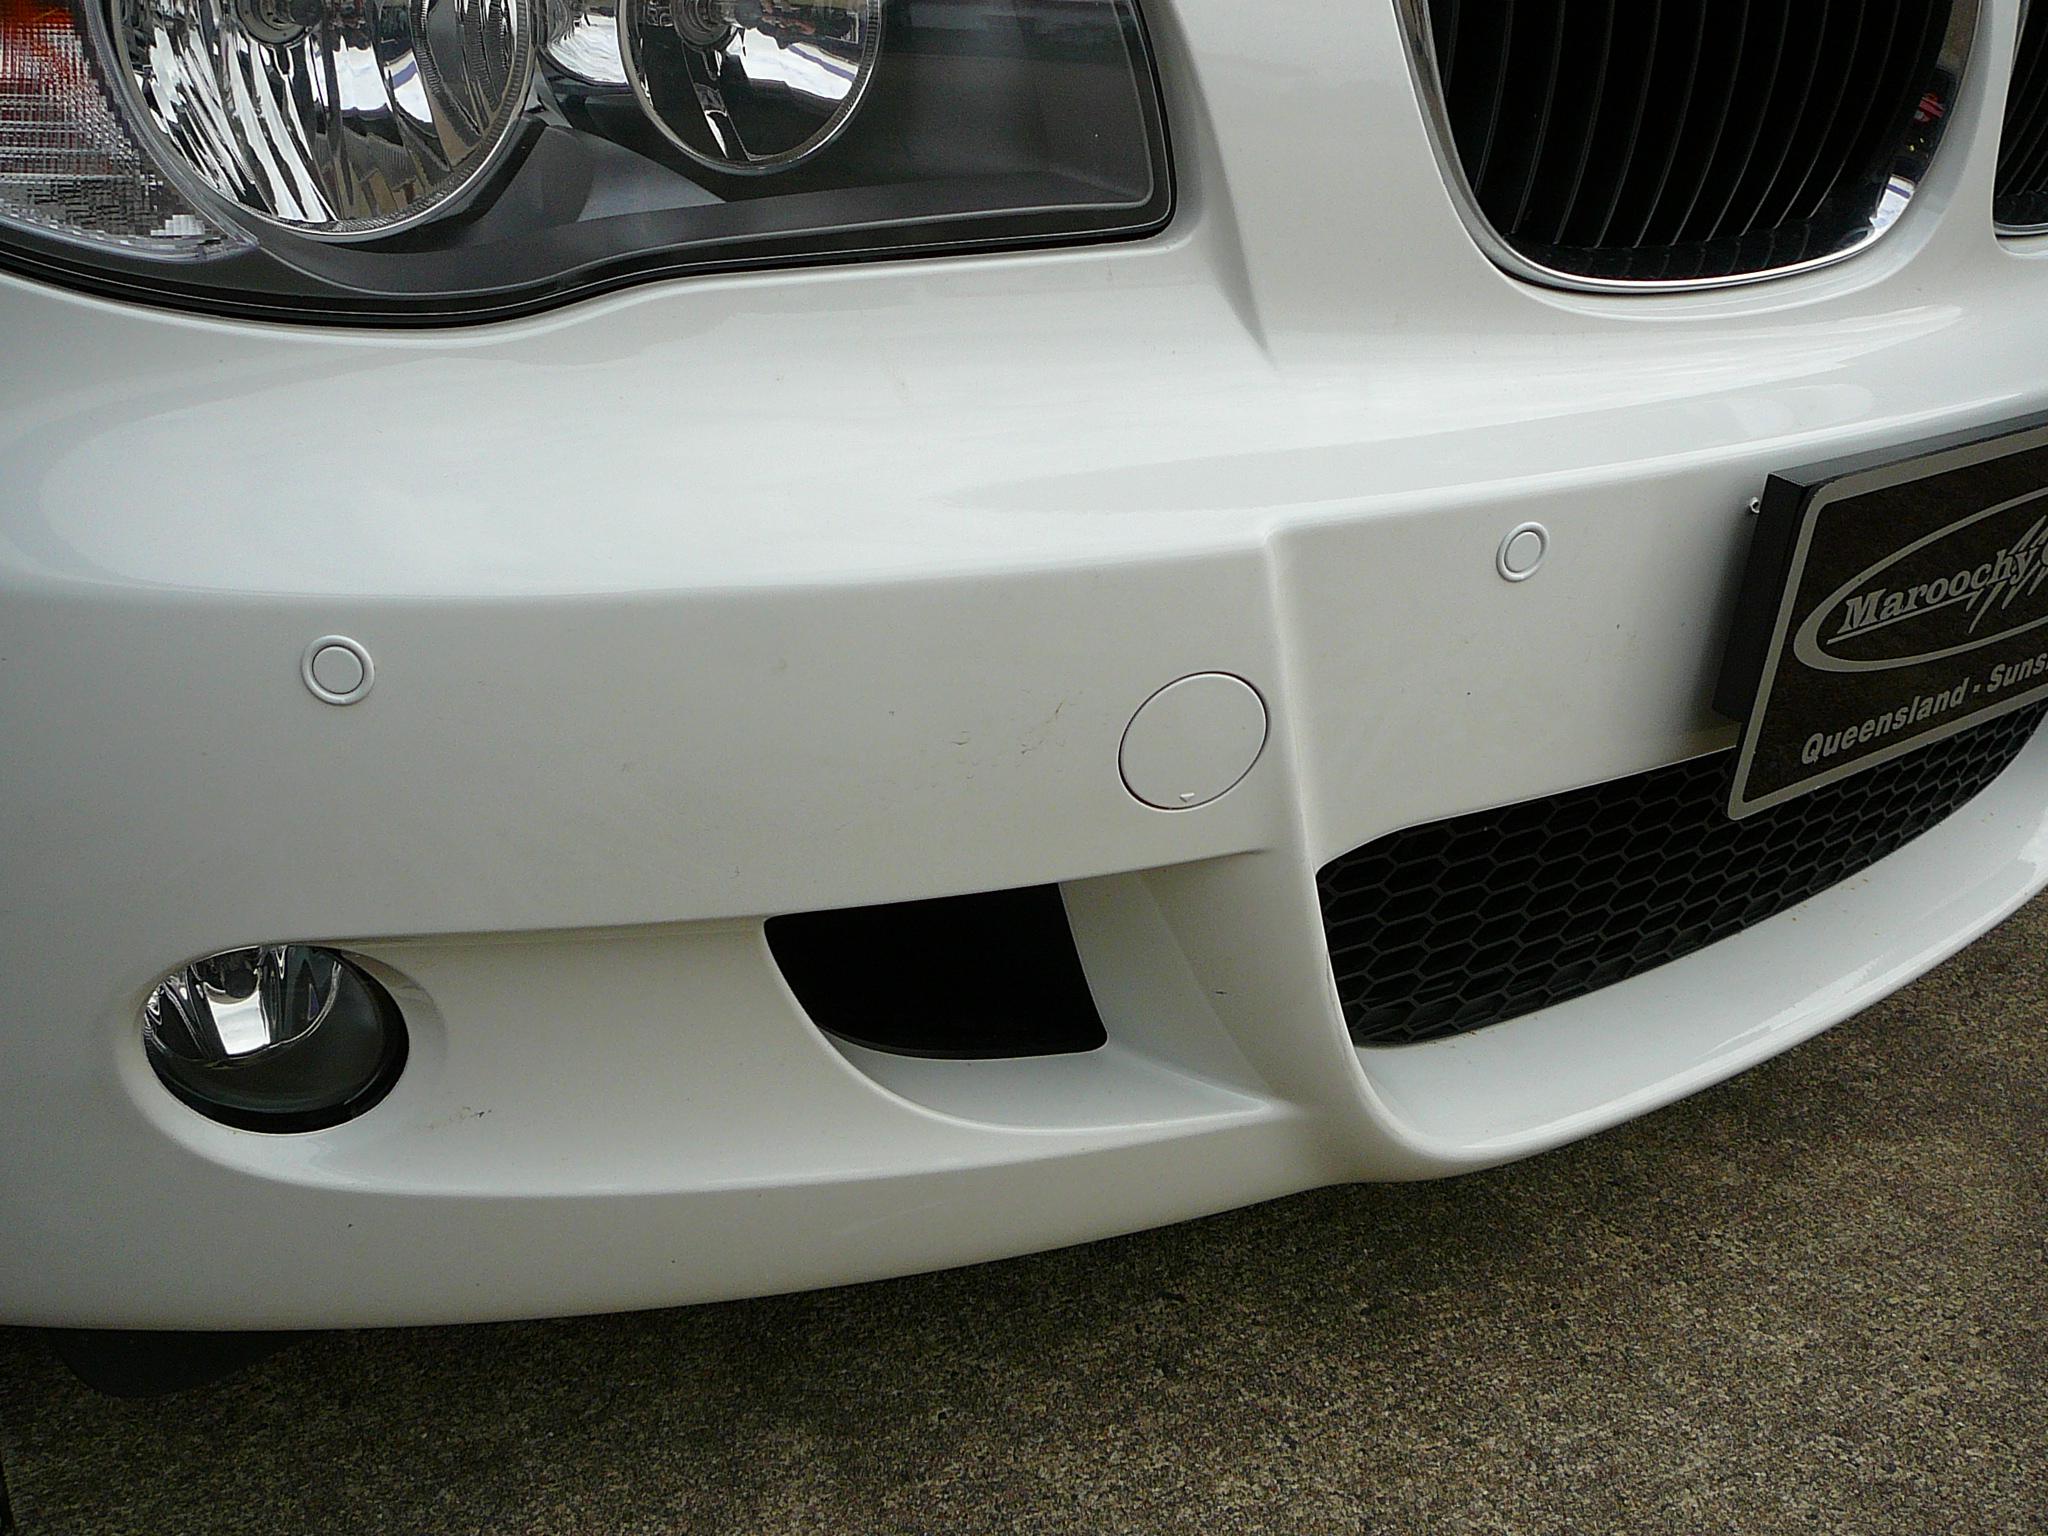 BMW 318d Front Parking Sensors – Maroochy Car Sound